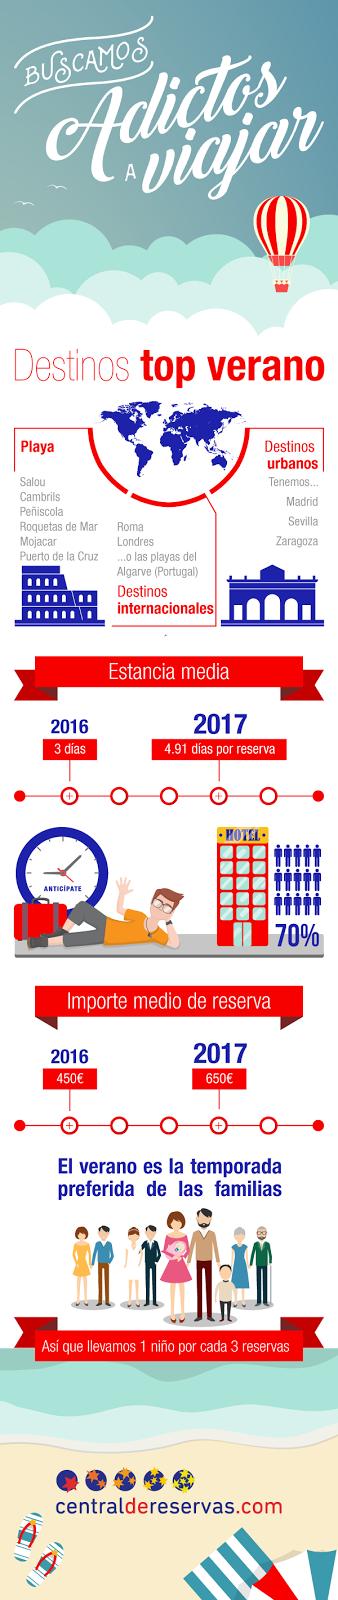 infografia con los destinos de verano 2017 y datos turisticos